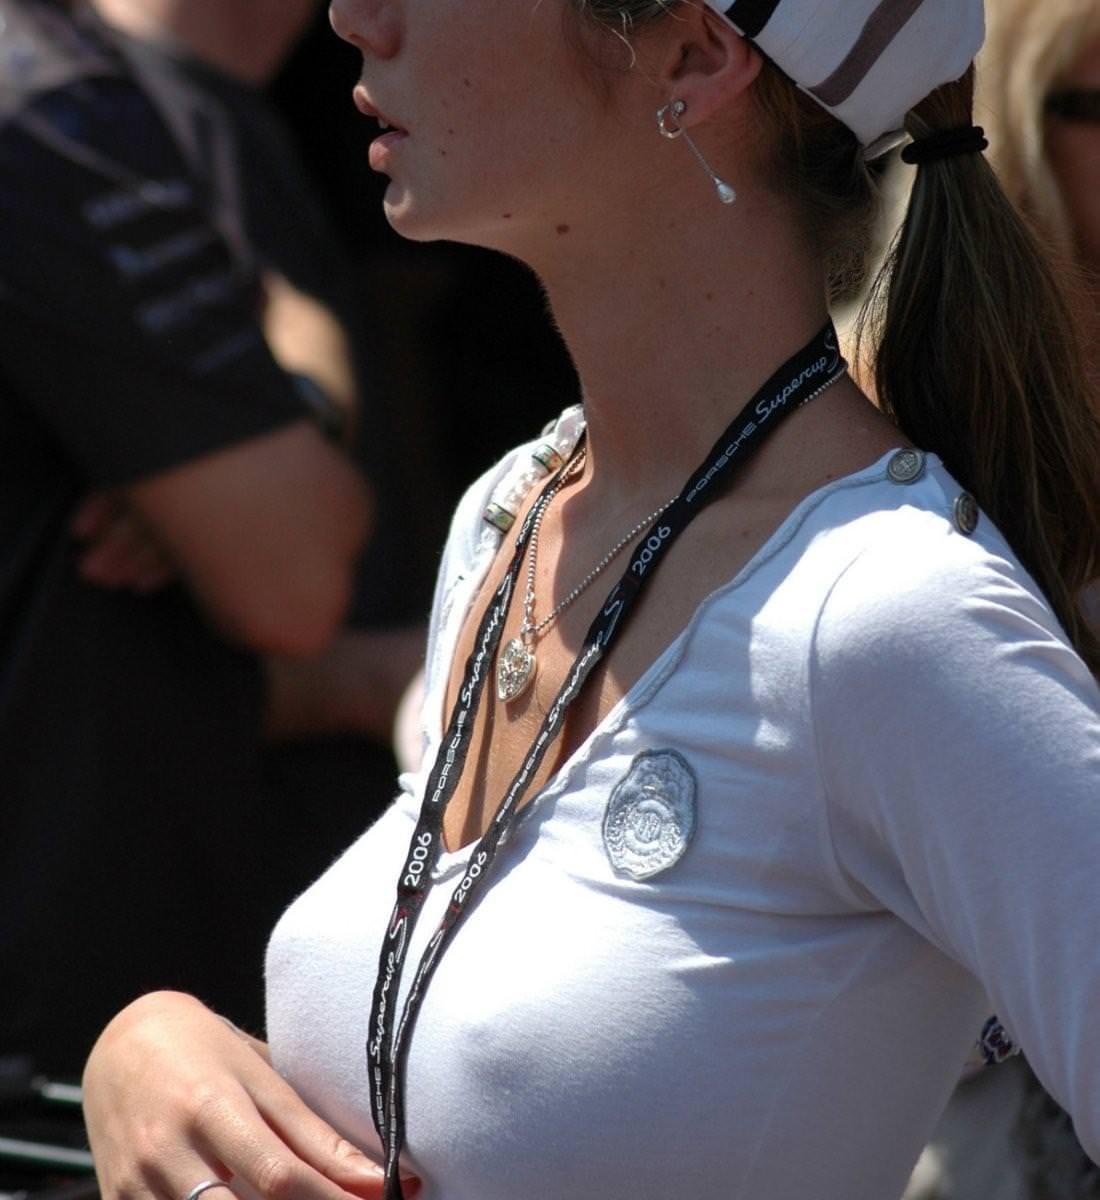 旦那の趣味で透け乳首プレイされてる人妻たちの街撮り素人エロ画像 5112